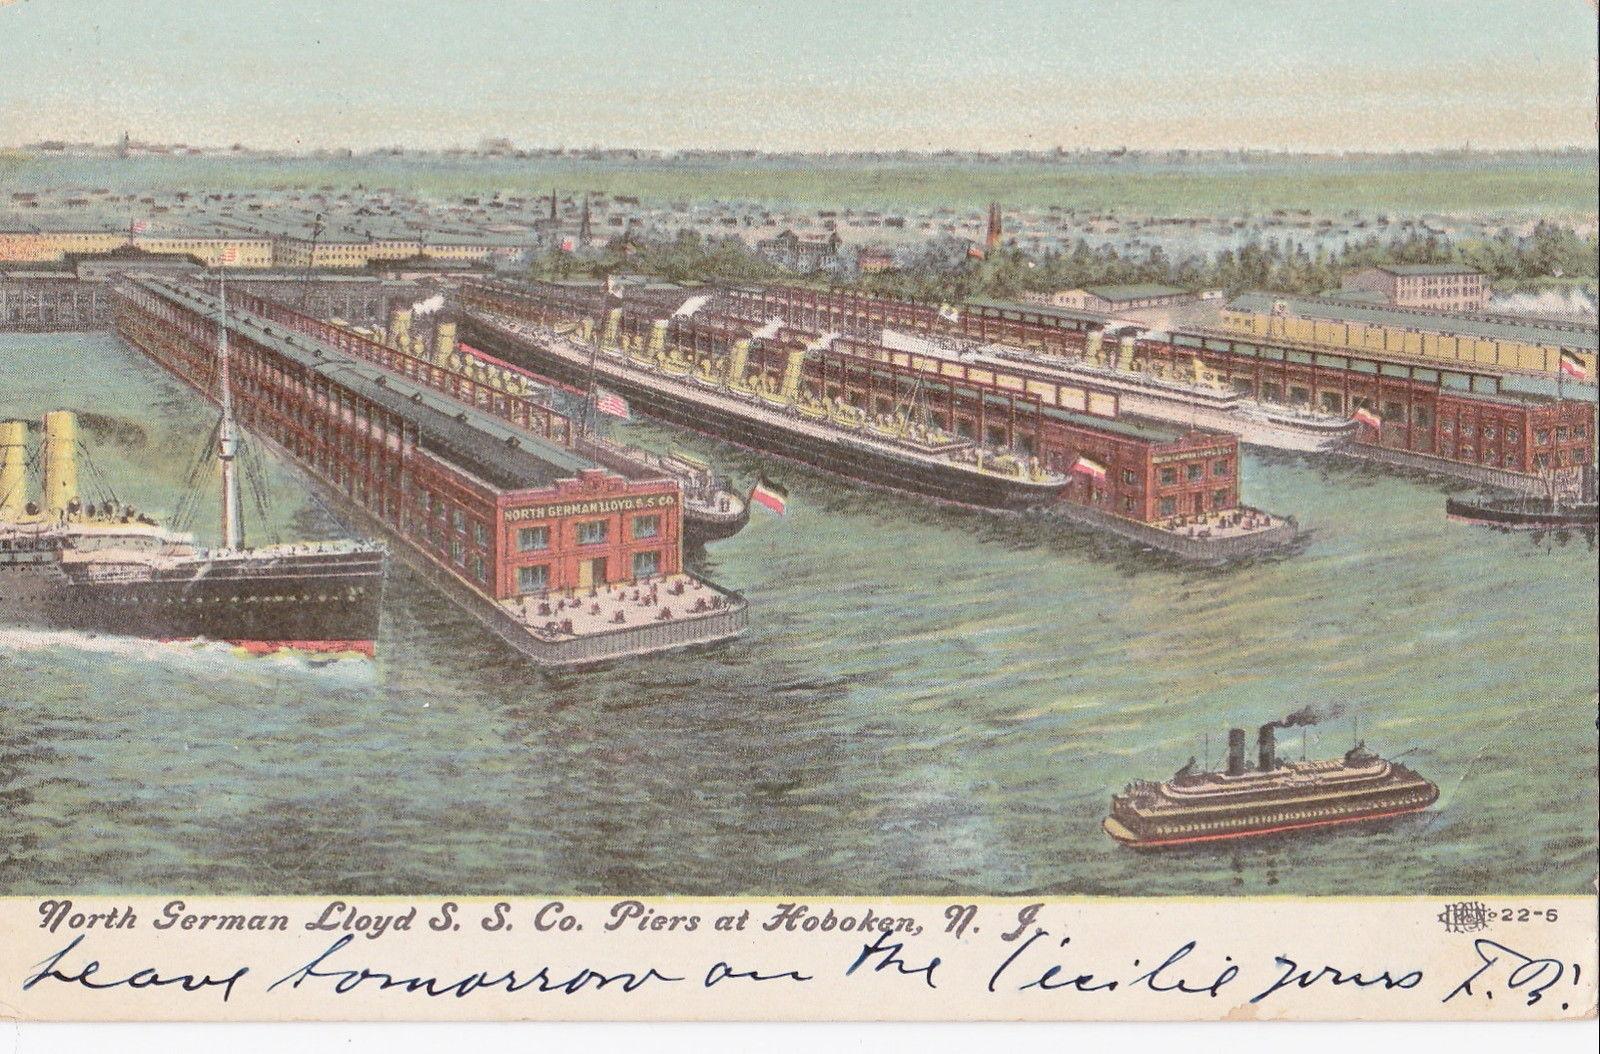 Muelles de Norddeutscher Lloyd (NDL) en 1909, tras su reconstrucción.